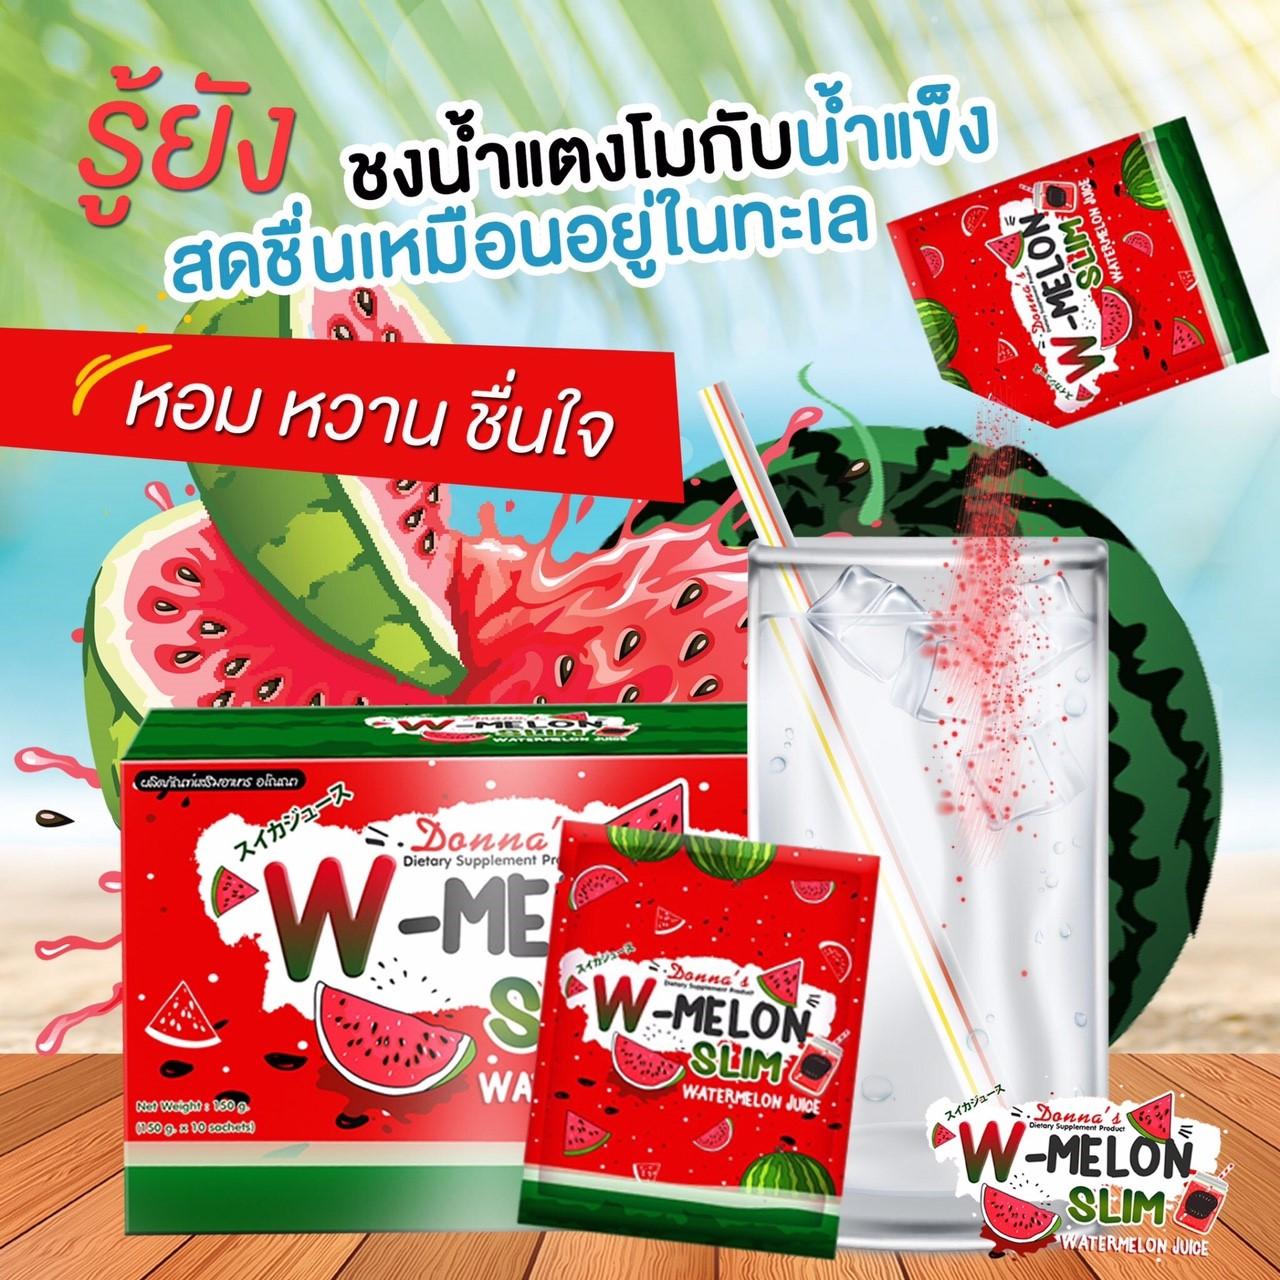 W-Melon Slim น้ำแตงโม ผอม ขาว เจ้าแรกในไทย